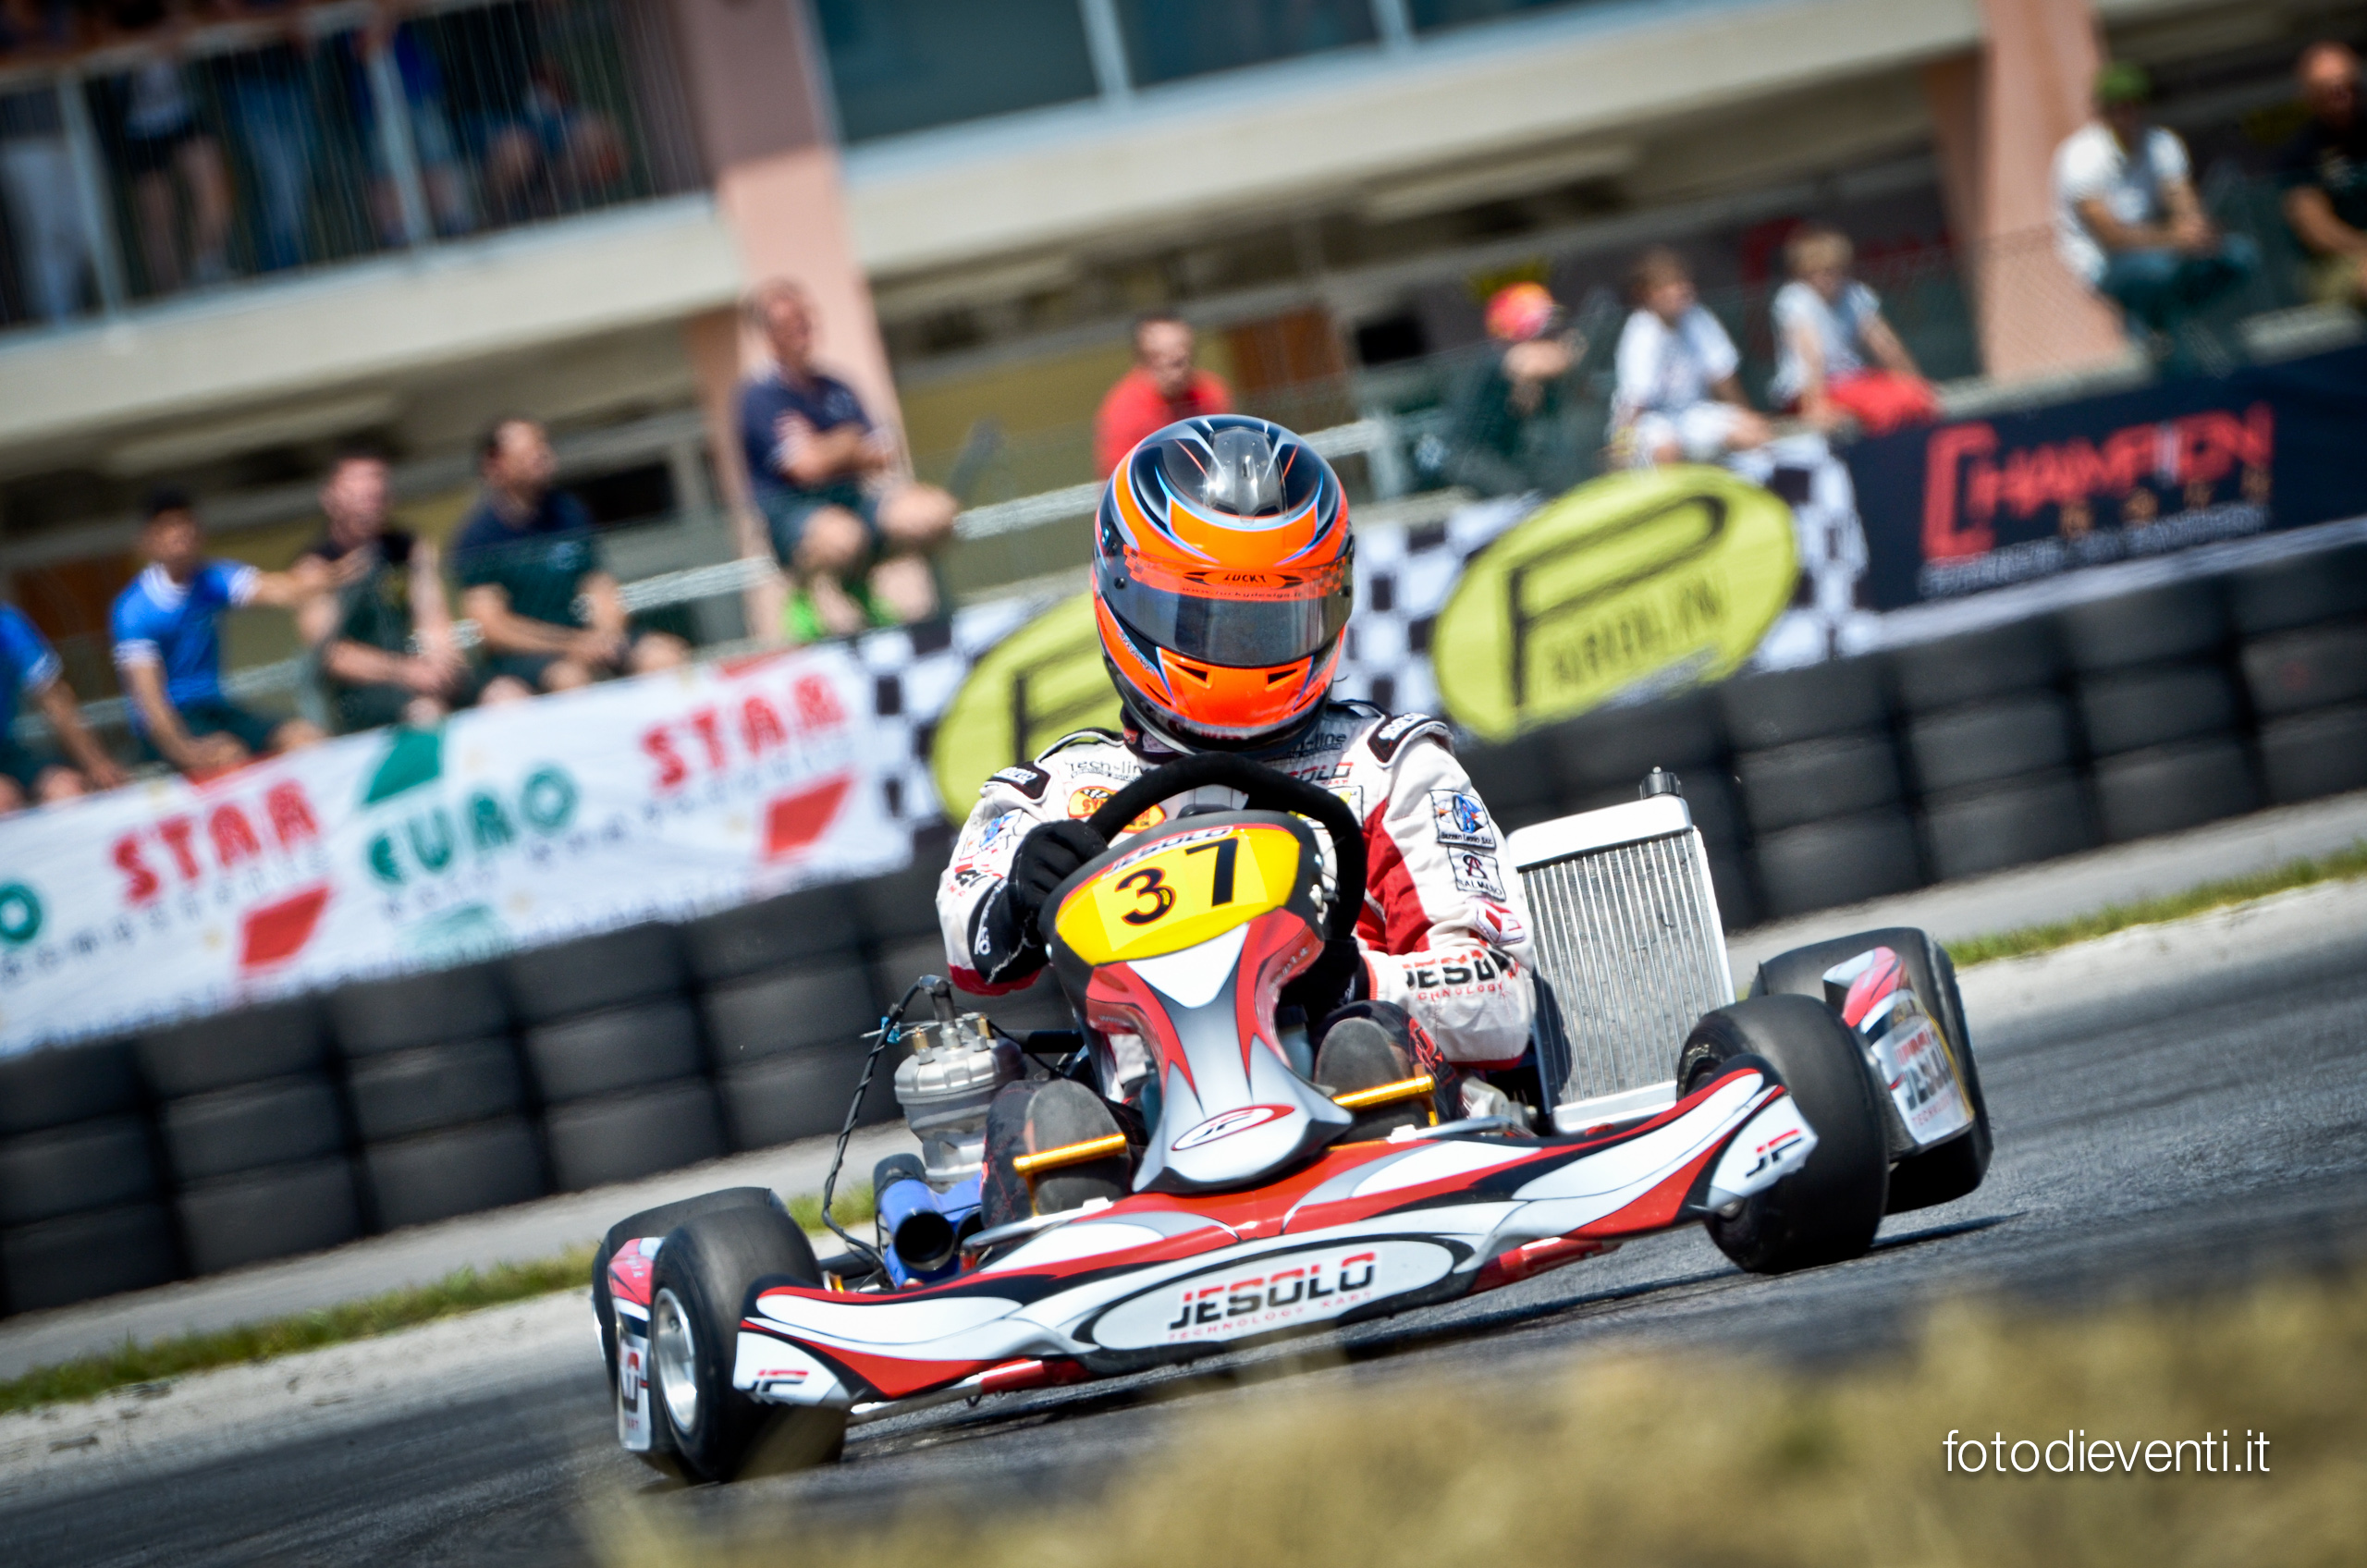 Championkart @ Precenicco